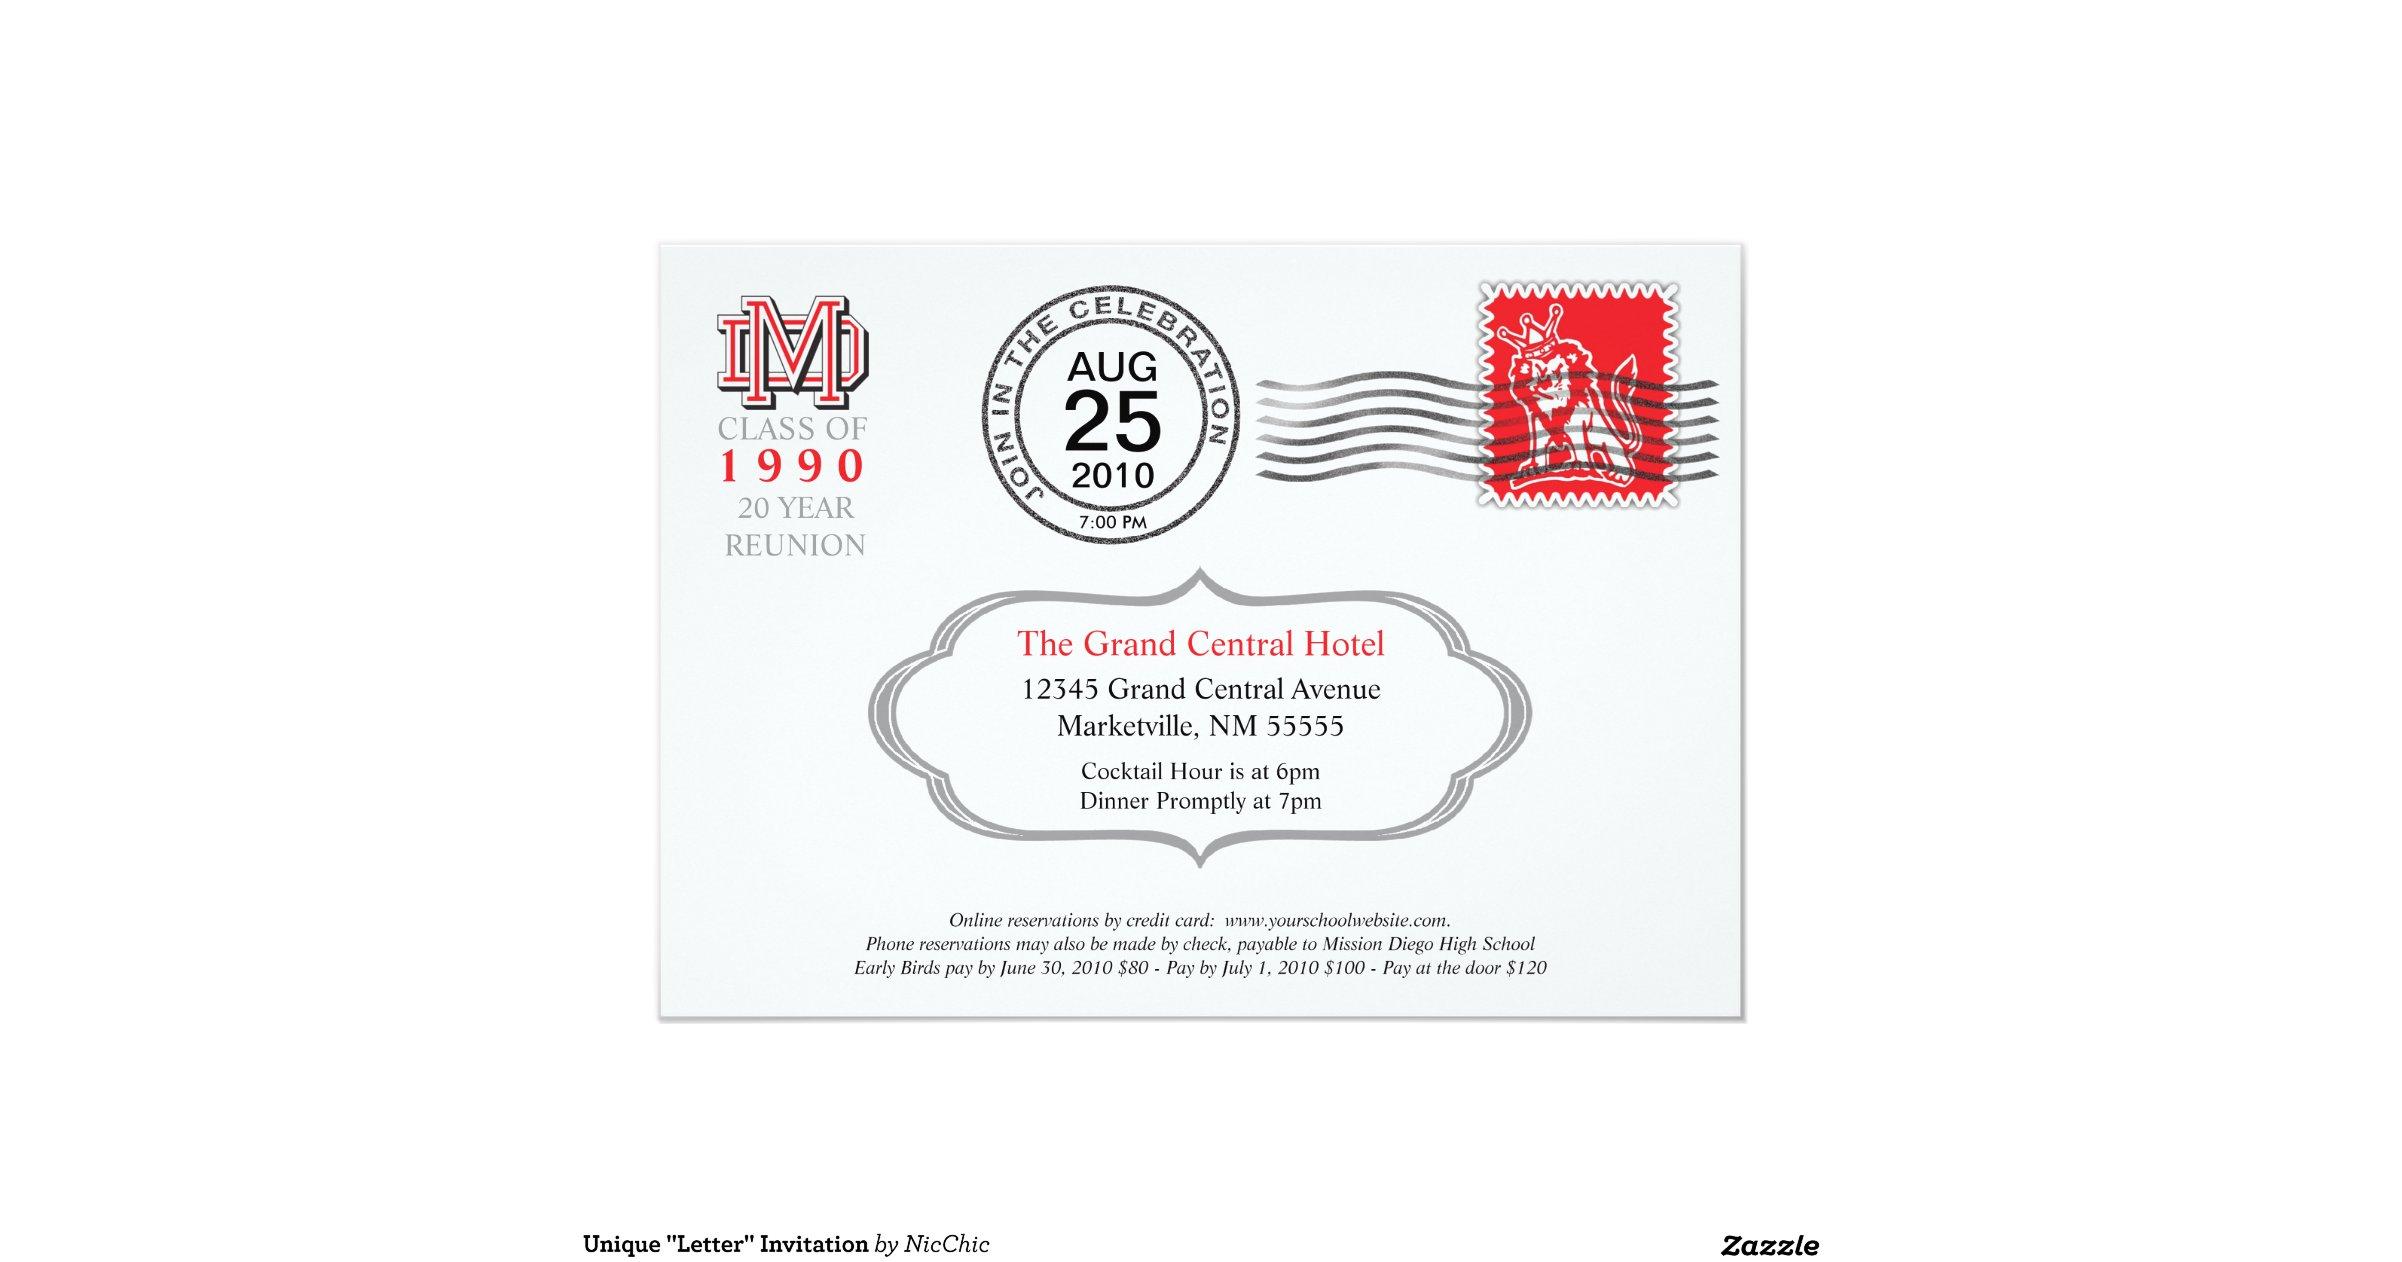 unique_letter_invitation-r10efd276666f473fa491c7411590c3f7